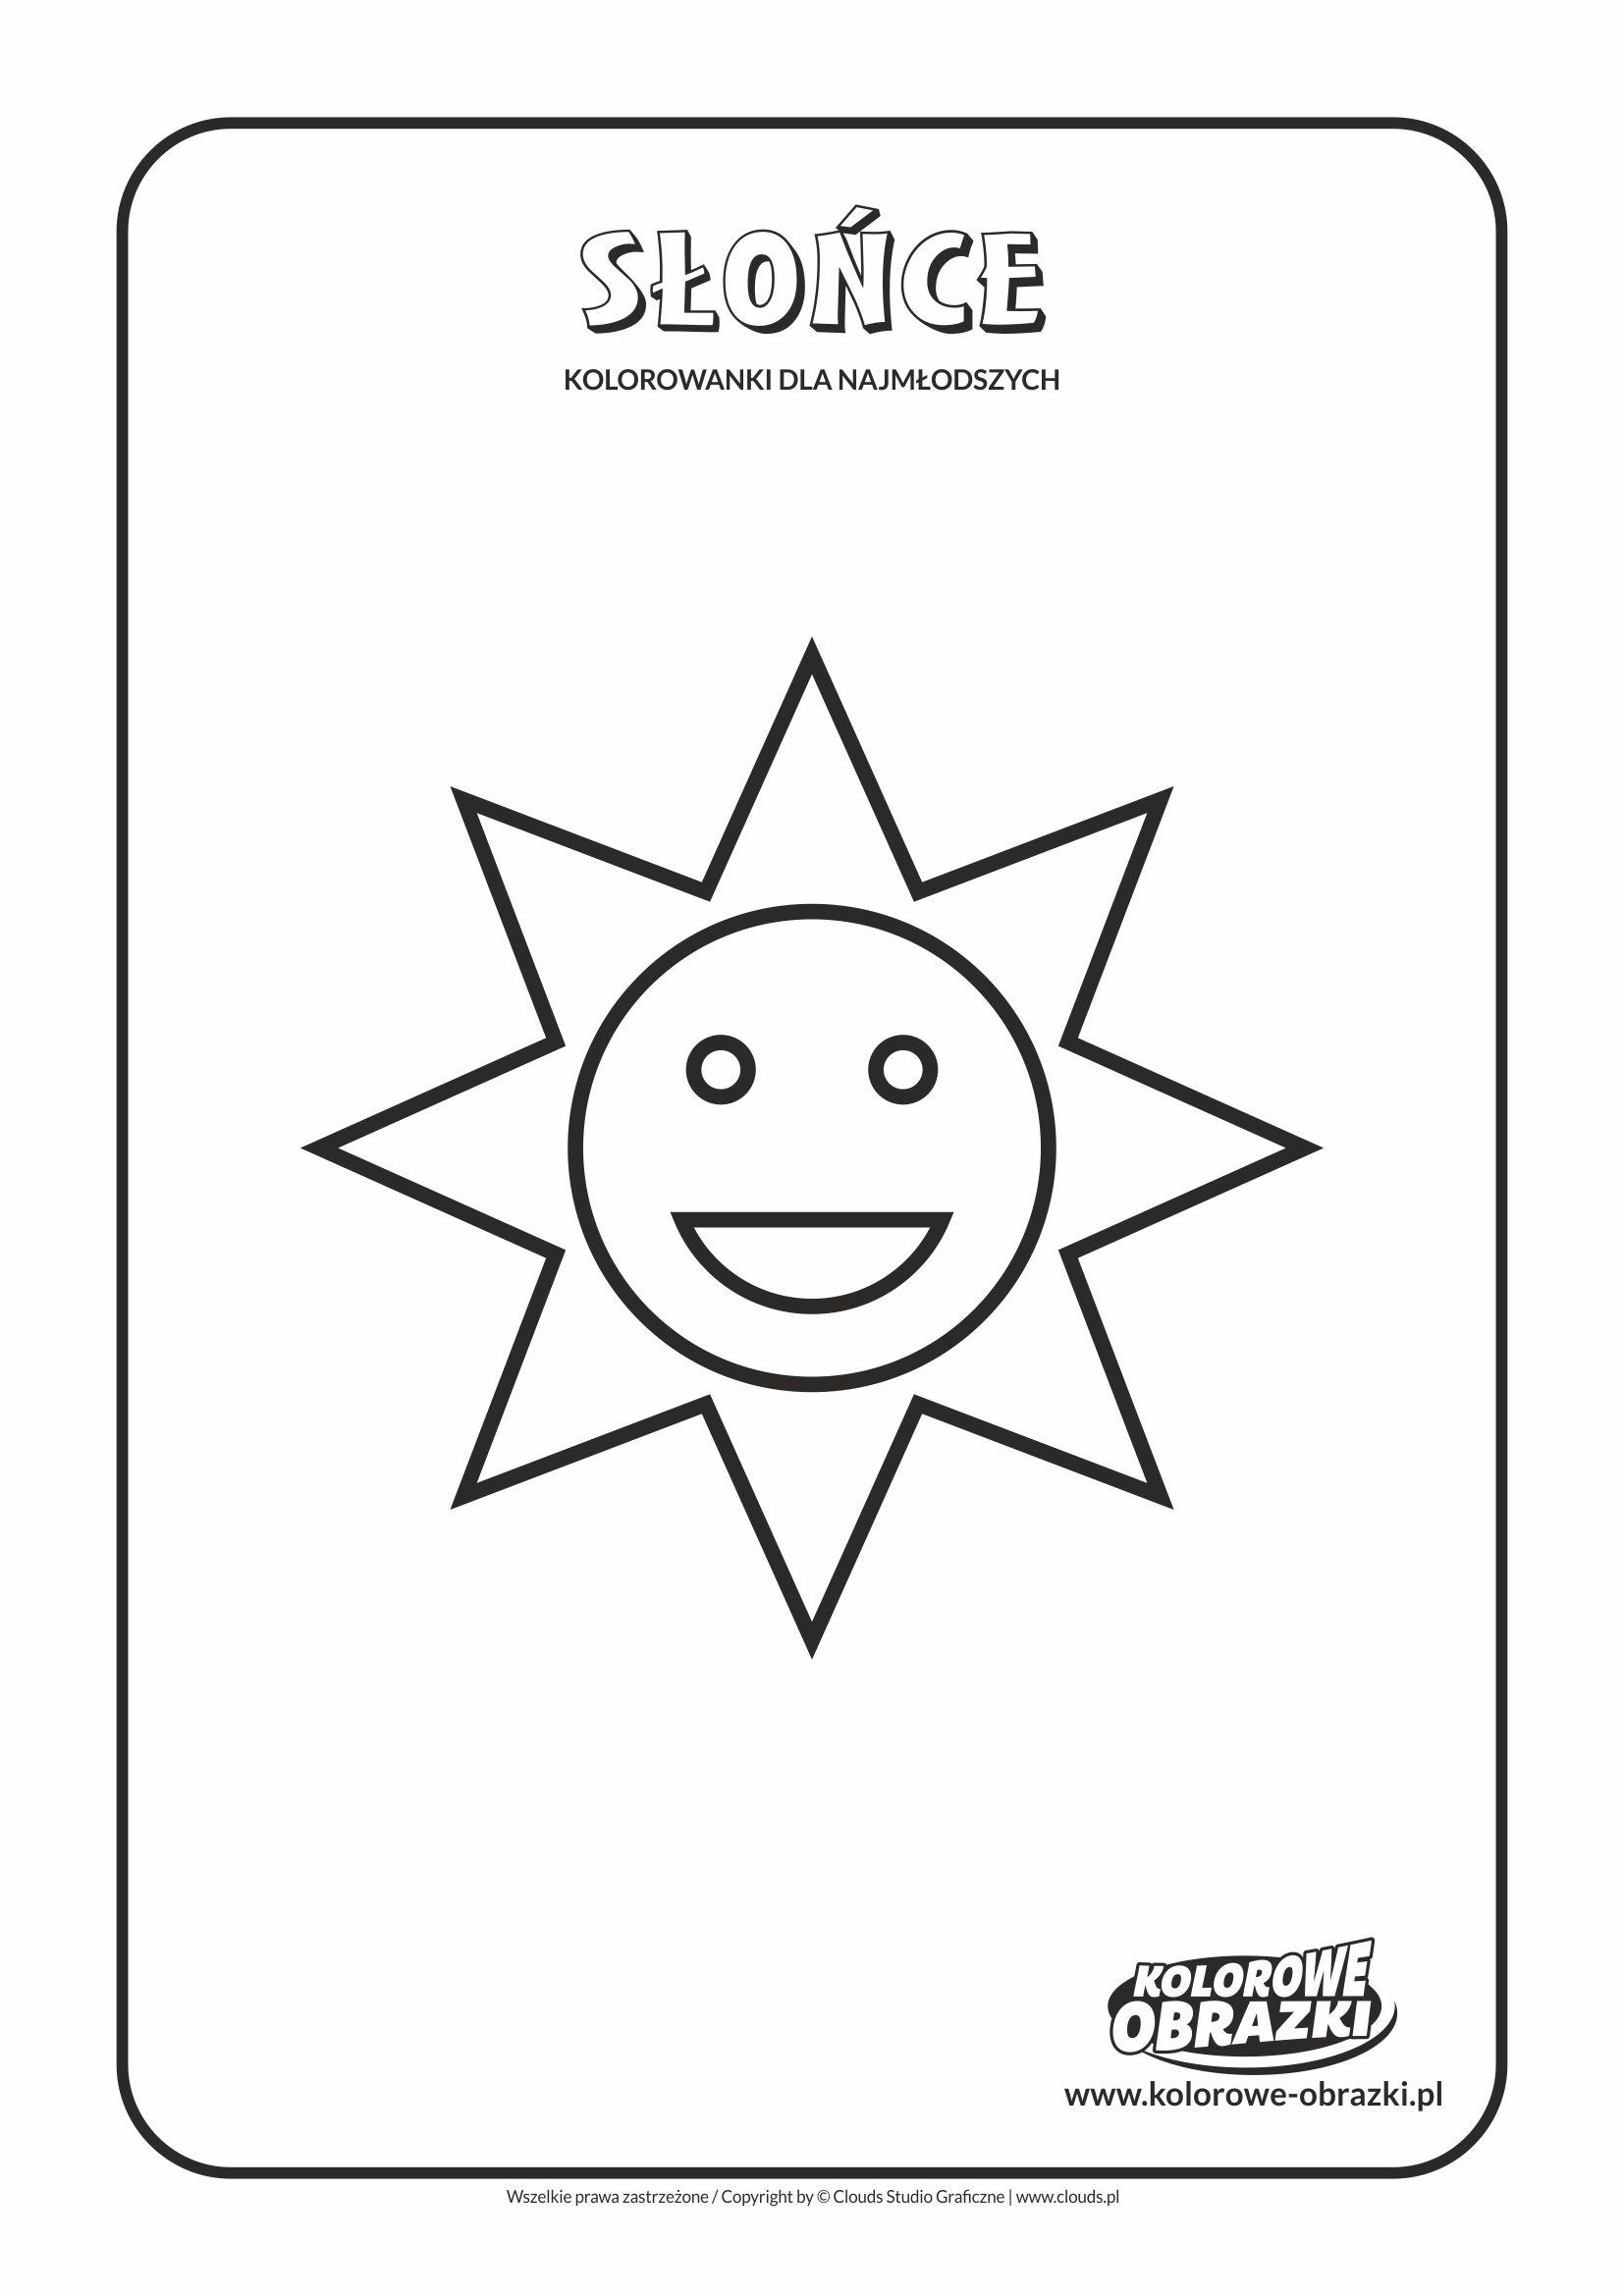 Proste kolorowanki dla najmłodszych - Kształty / Słońce. Kolorowanka ze słońcem